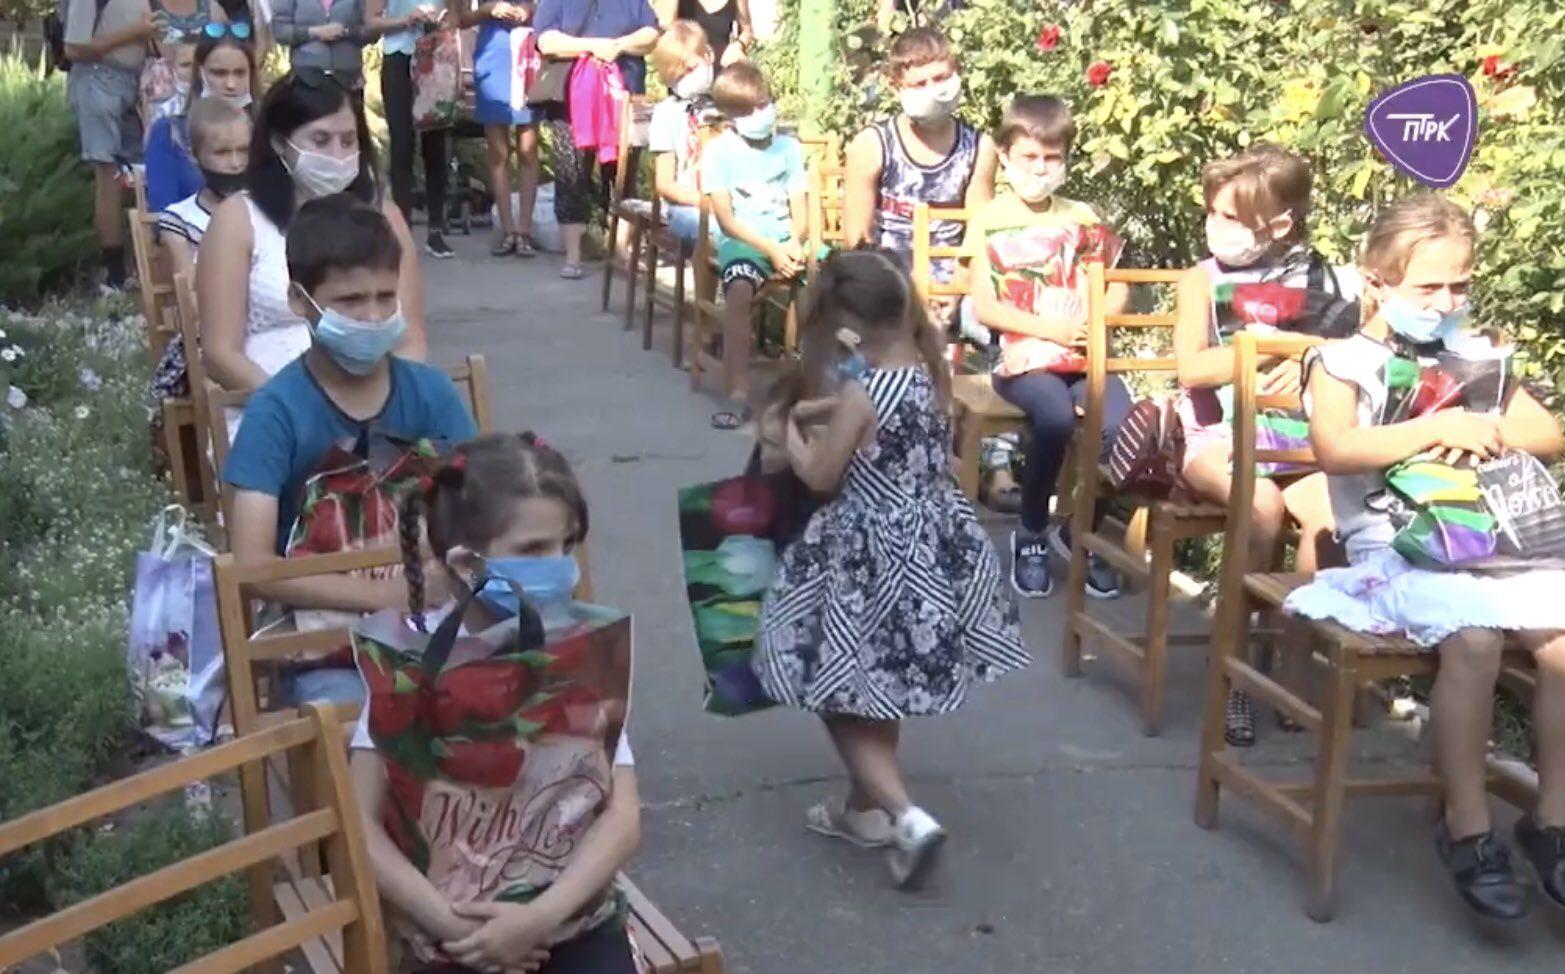 Городской голова Павлограда лично обеспечил одеждой и школьными принадлежностями двух павлоградских школьников